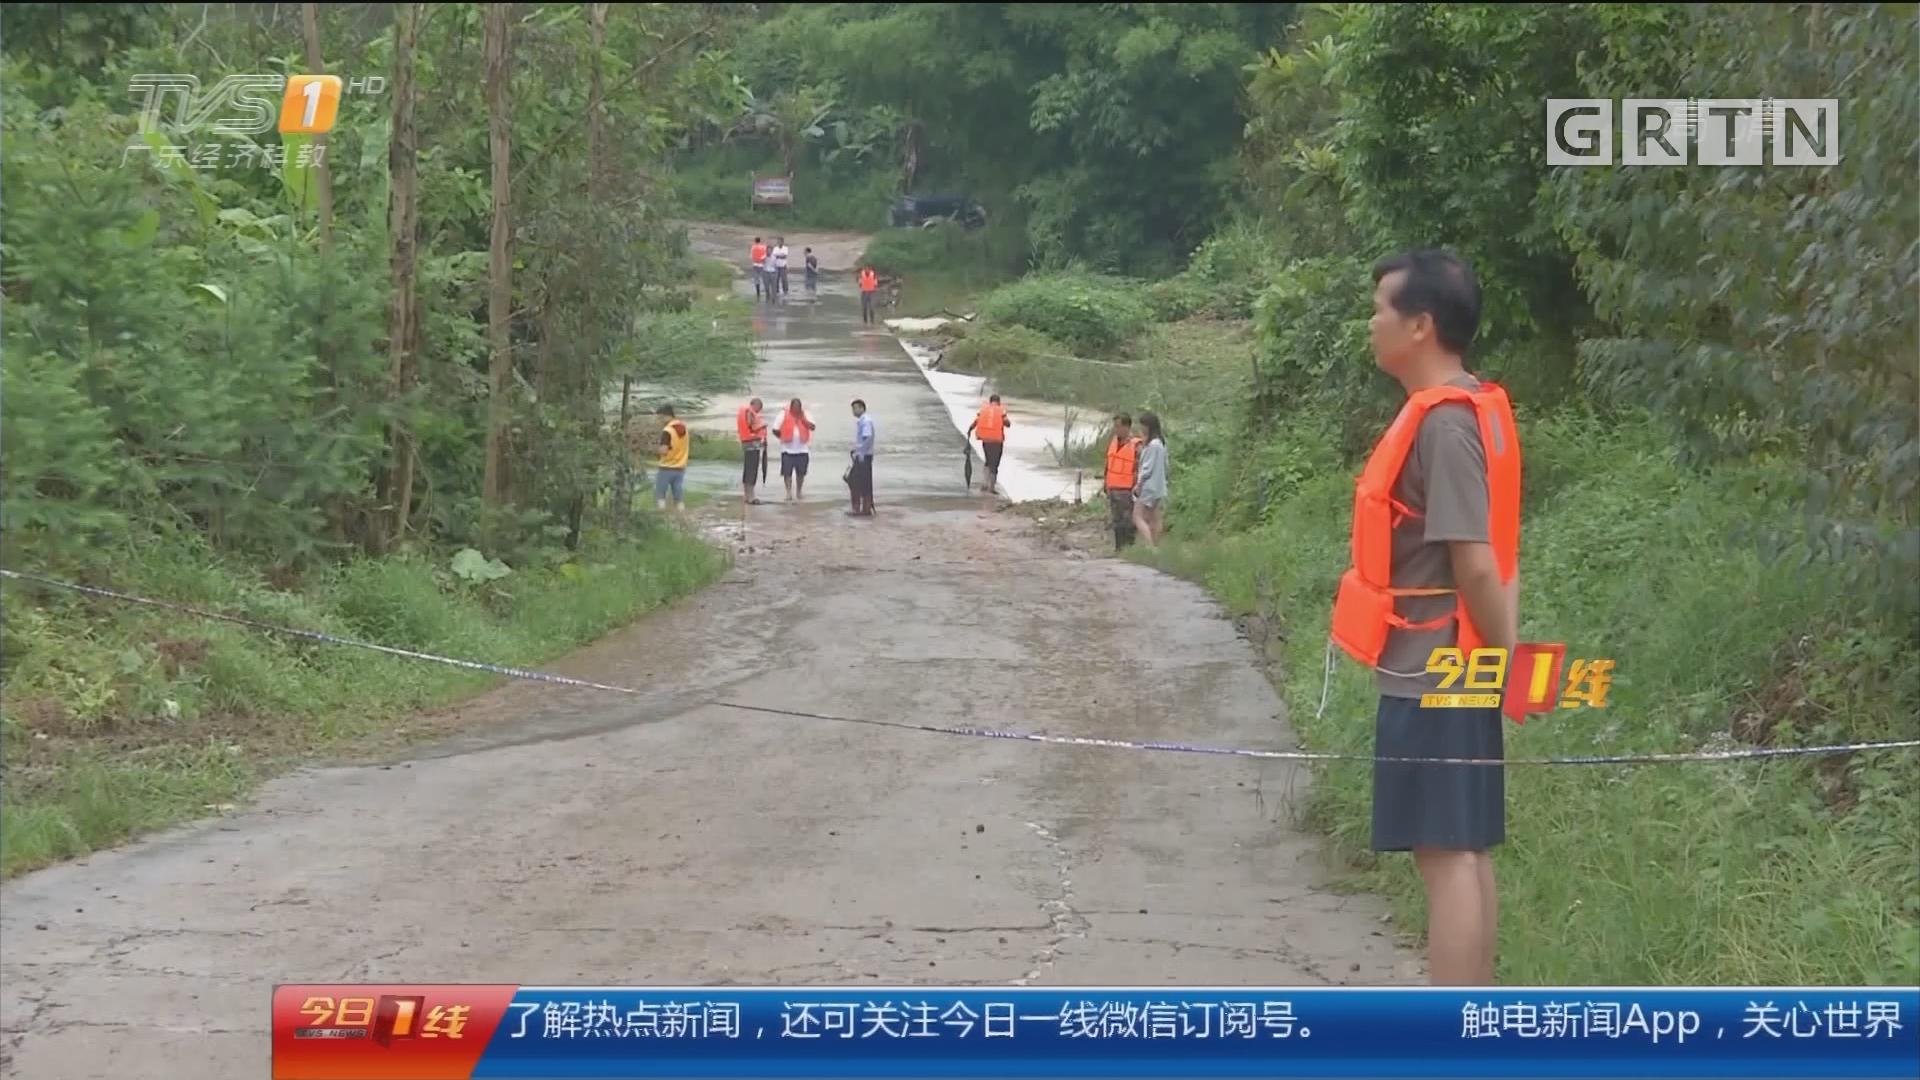 惠州龙门县:一家四口被洪水冲走 众人急流中救人